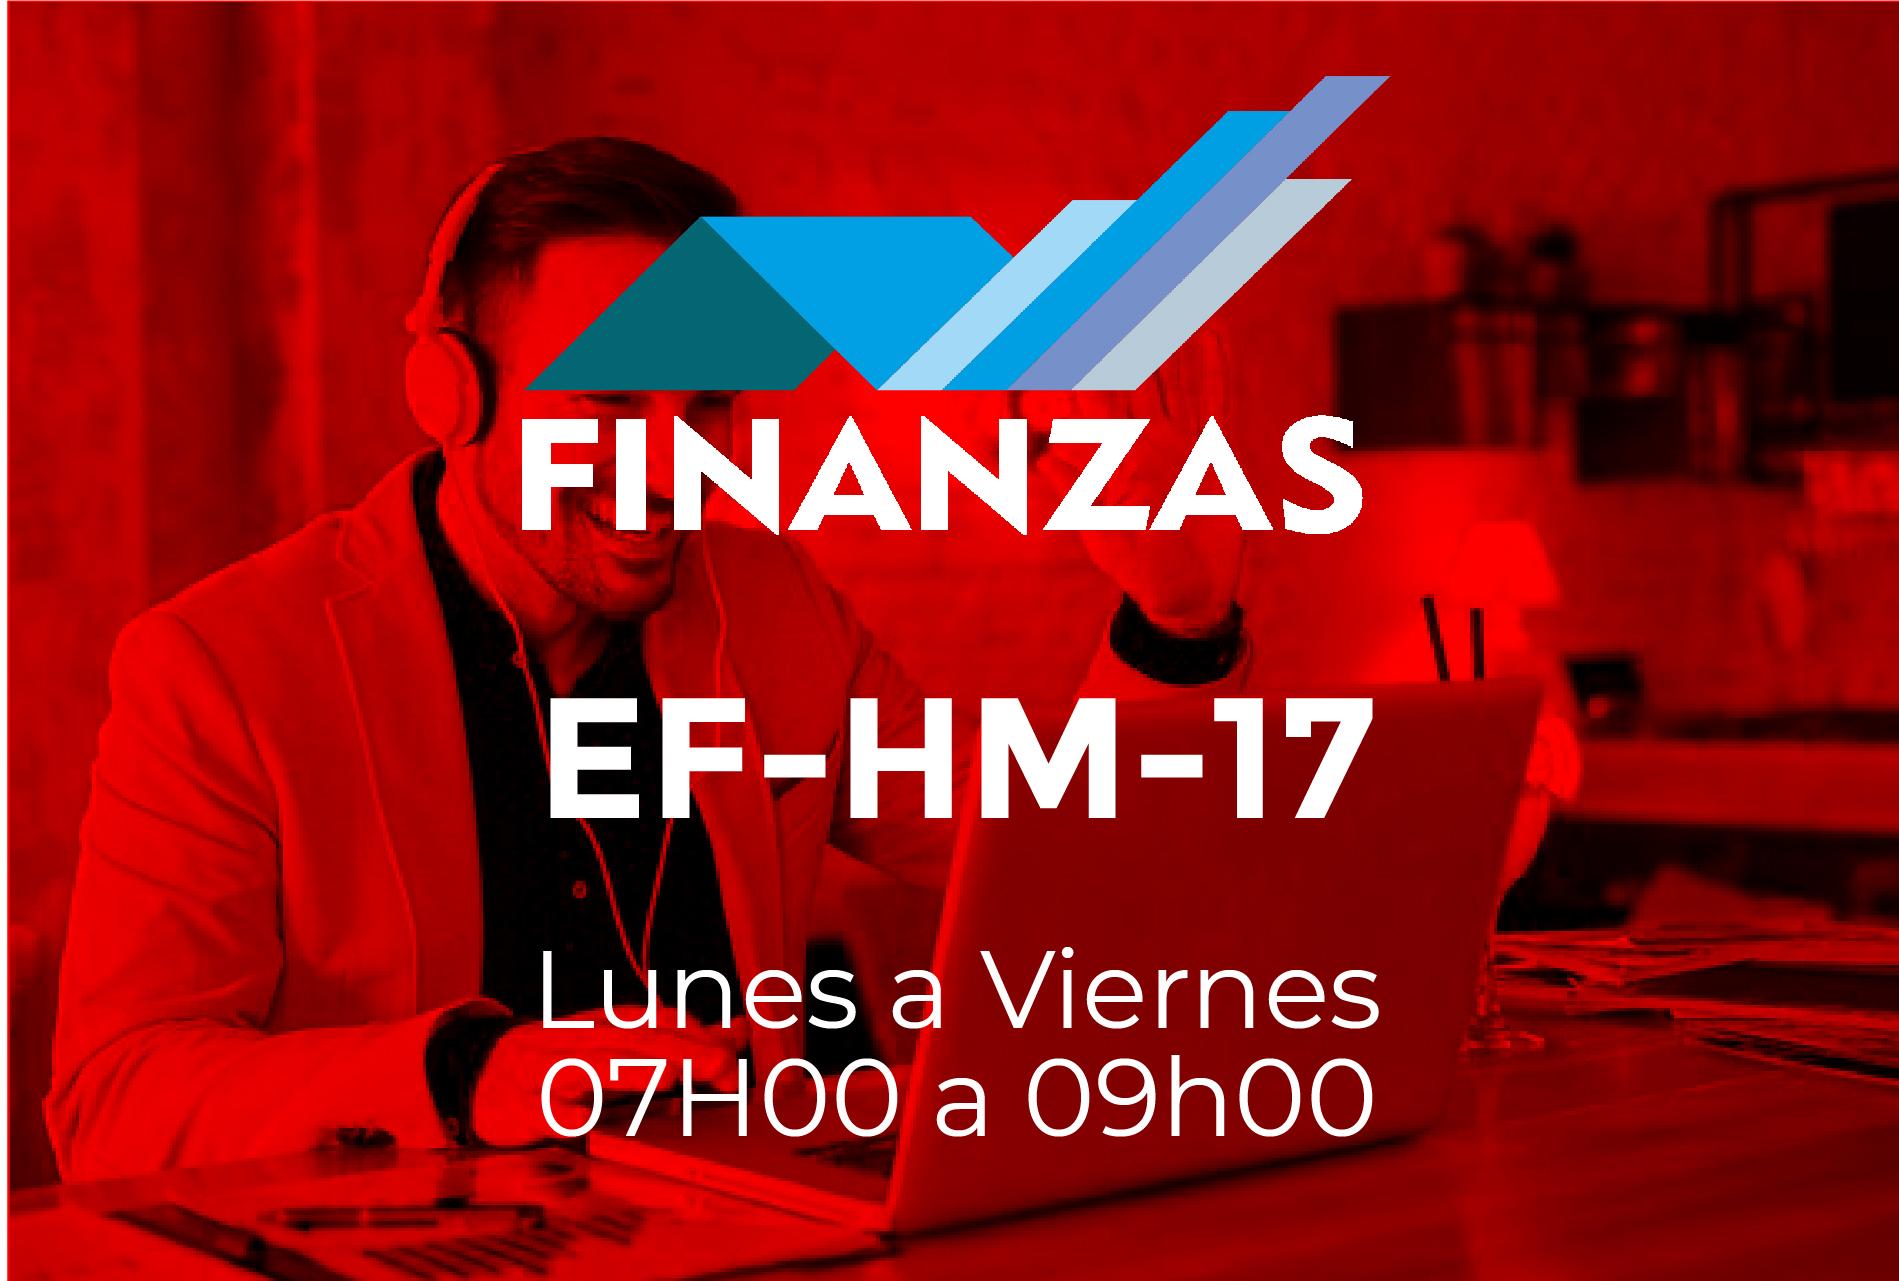 17 - FINANZAS - LUNES A VIERNES - 07:00 A 09:00